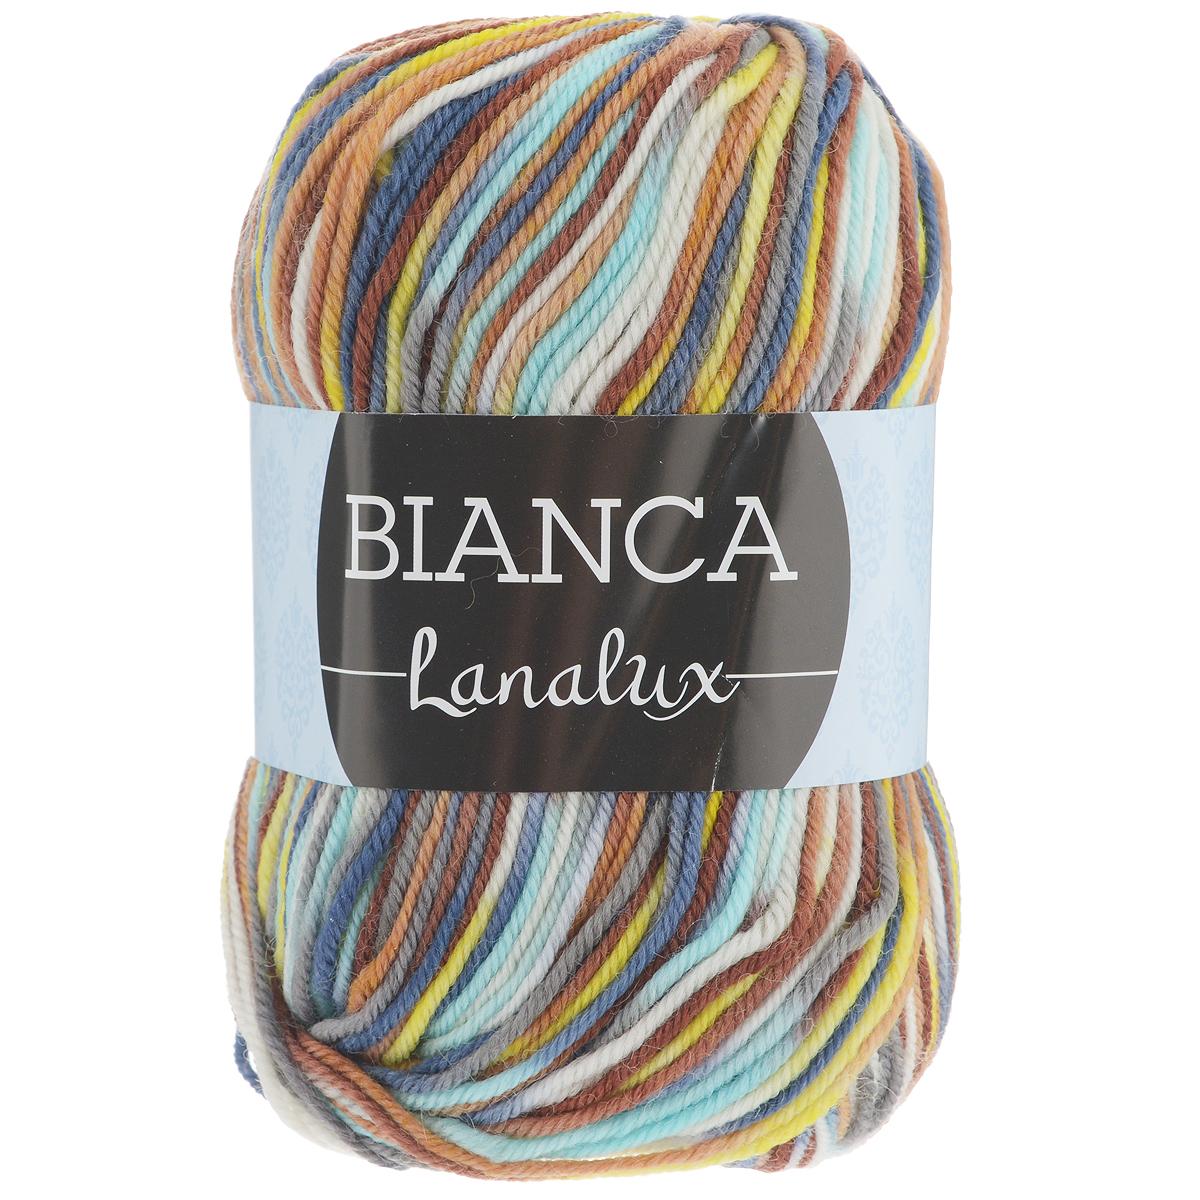 Пряжа для вязания YarnArt Bianca LanaLux, цвет: мультиколор (755), 240 м, 100 г, 5 шт372093_755Классическая пряжа для вязания YarnArt Bianca LanaLux изготовлена из 100% шерсти. Пряжа секционного крашения, мягкая и приятная на ощупь, хорошо лежит в полотне. Теплая, уютная, эта пряжа идеально подходит для вязки демисезонных и зимних вещей. Шапочки, шарфы, снуды, свитера, жилеты вяжутся из этой пряжи быстро и легко. Изделия приятны в носке и долго не теряют форму после ручной стирки. Комплектация: 5 мотков. Состав: 100% шерсть. Рекомендована ручная стирка 30°C. Рекомендованы спицы и крючок 4 мм.